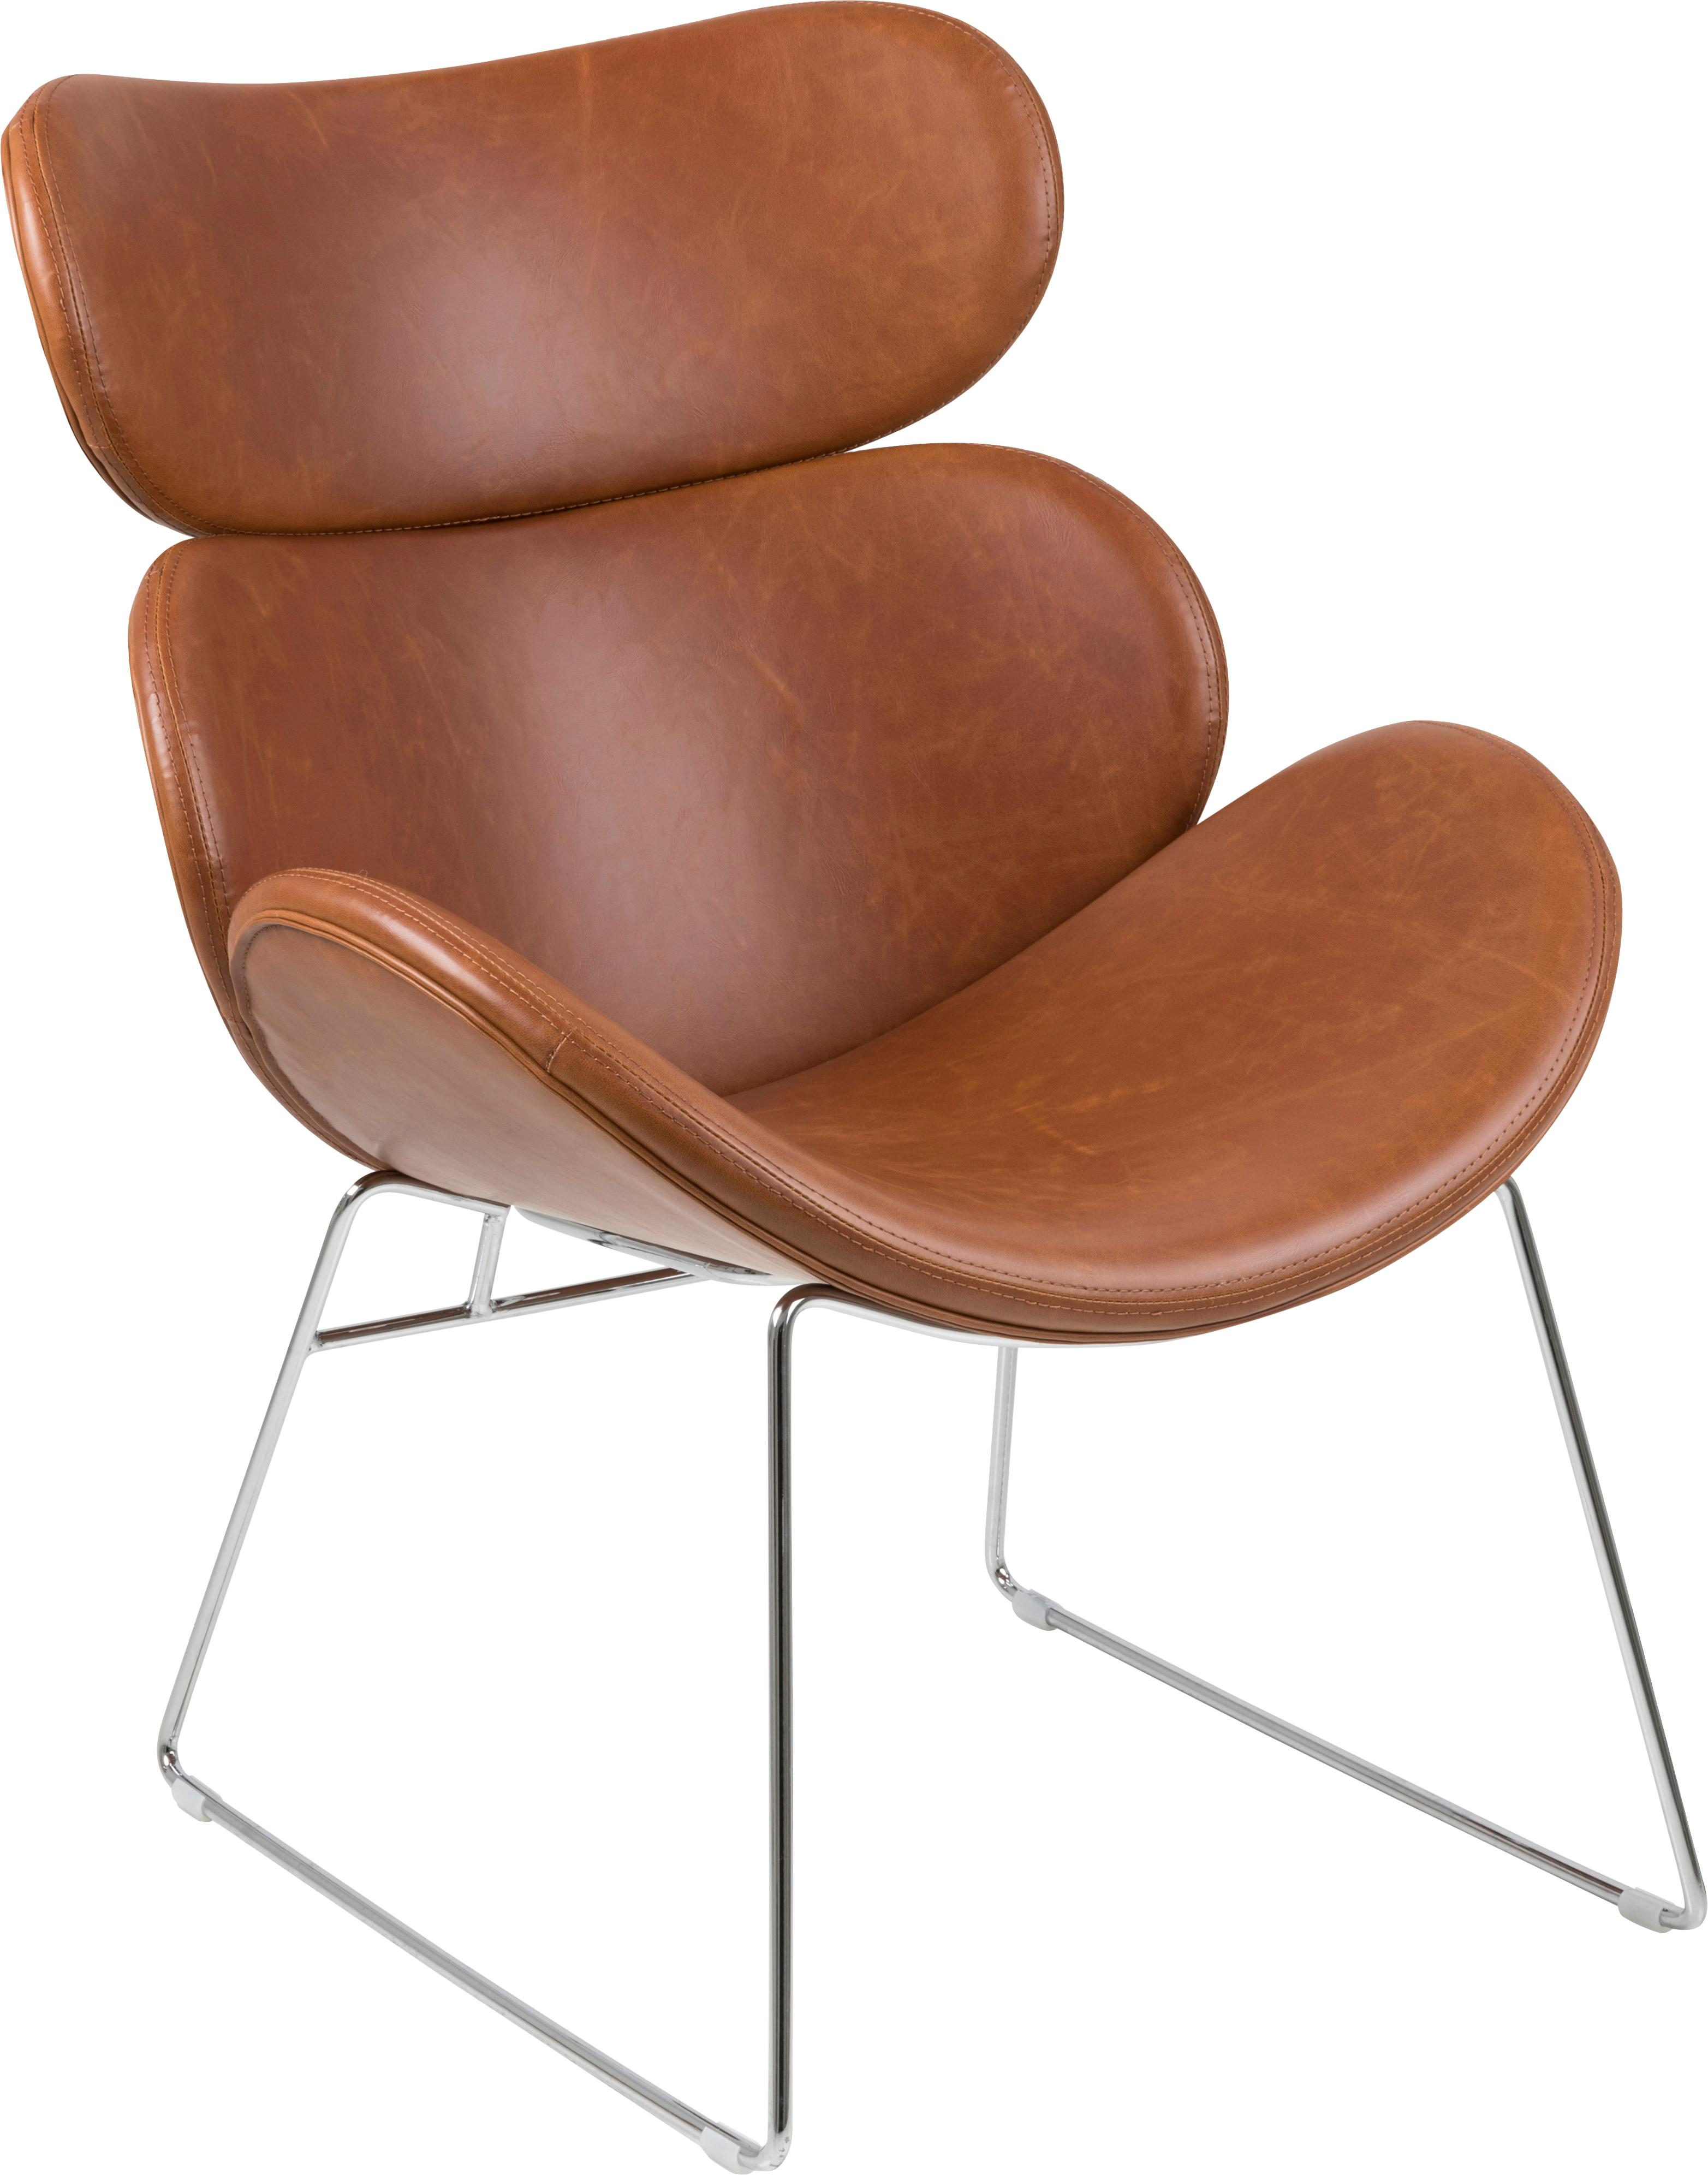 Sillón de cuero sintético Cazar, estilo moderno, Tapizado: cuero sintético (poliuret, Estructura: metal cromado, Coñac, cromo, An 69 x F 79 cm